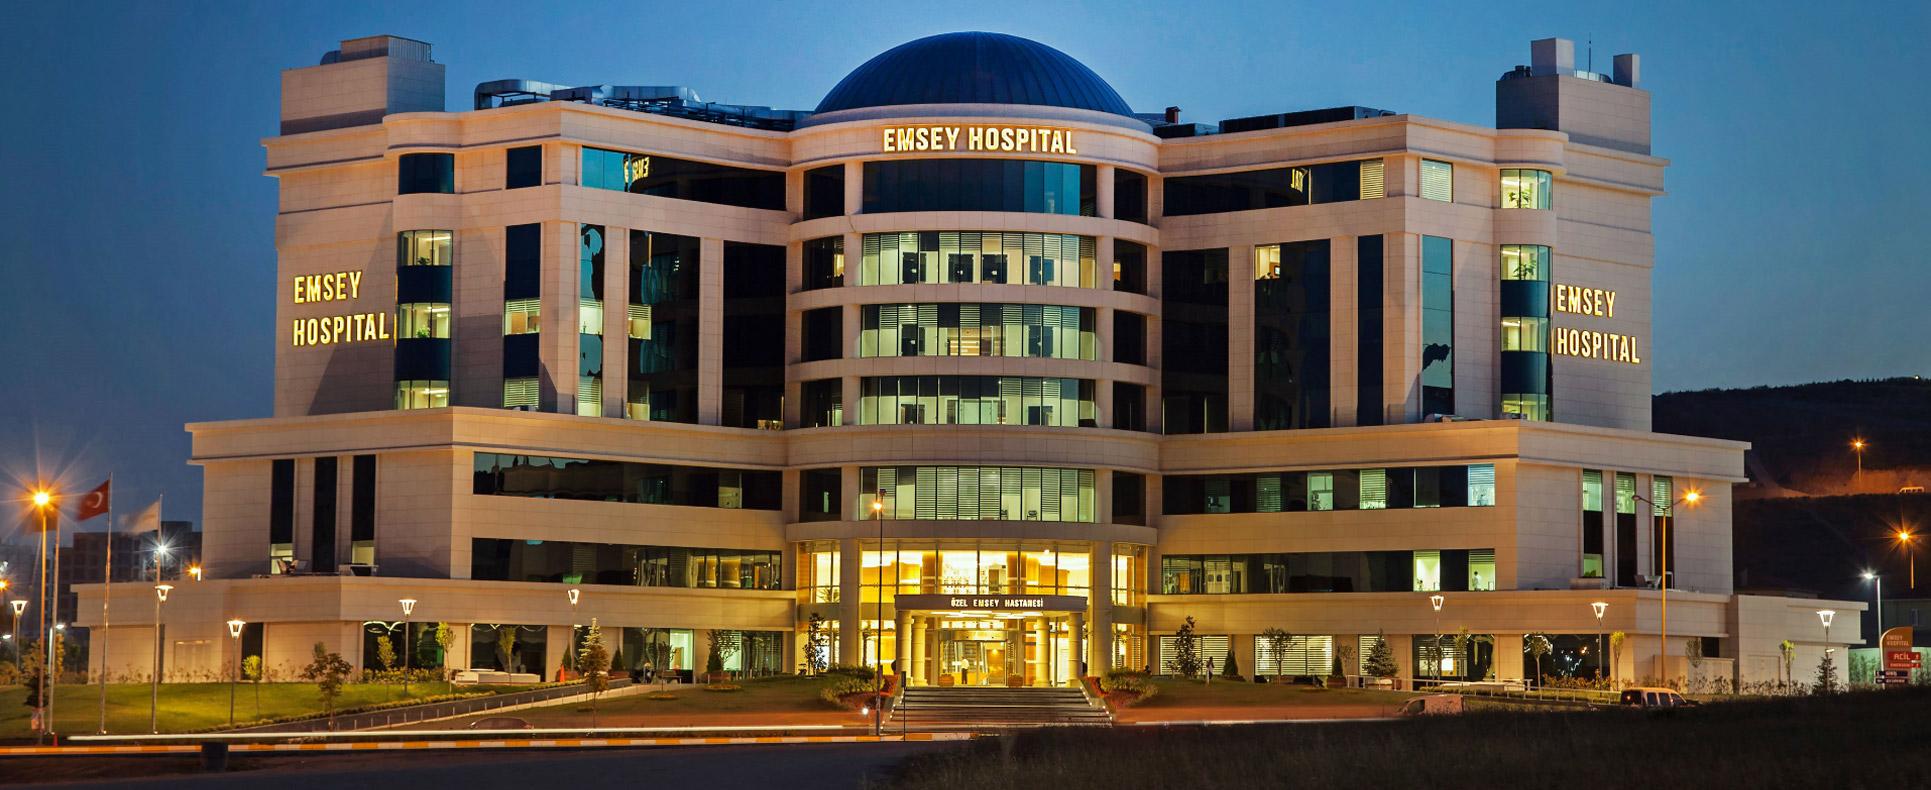 Emsey Hospital (Клиника Эмсей)